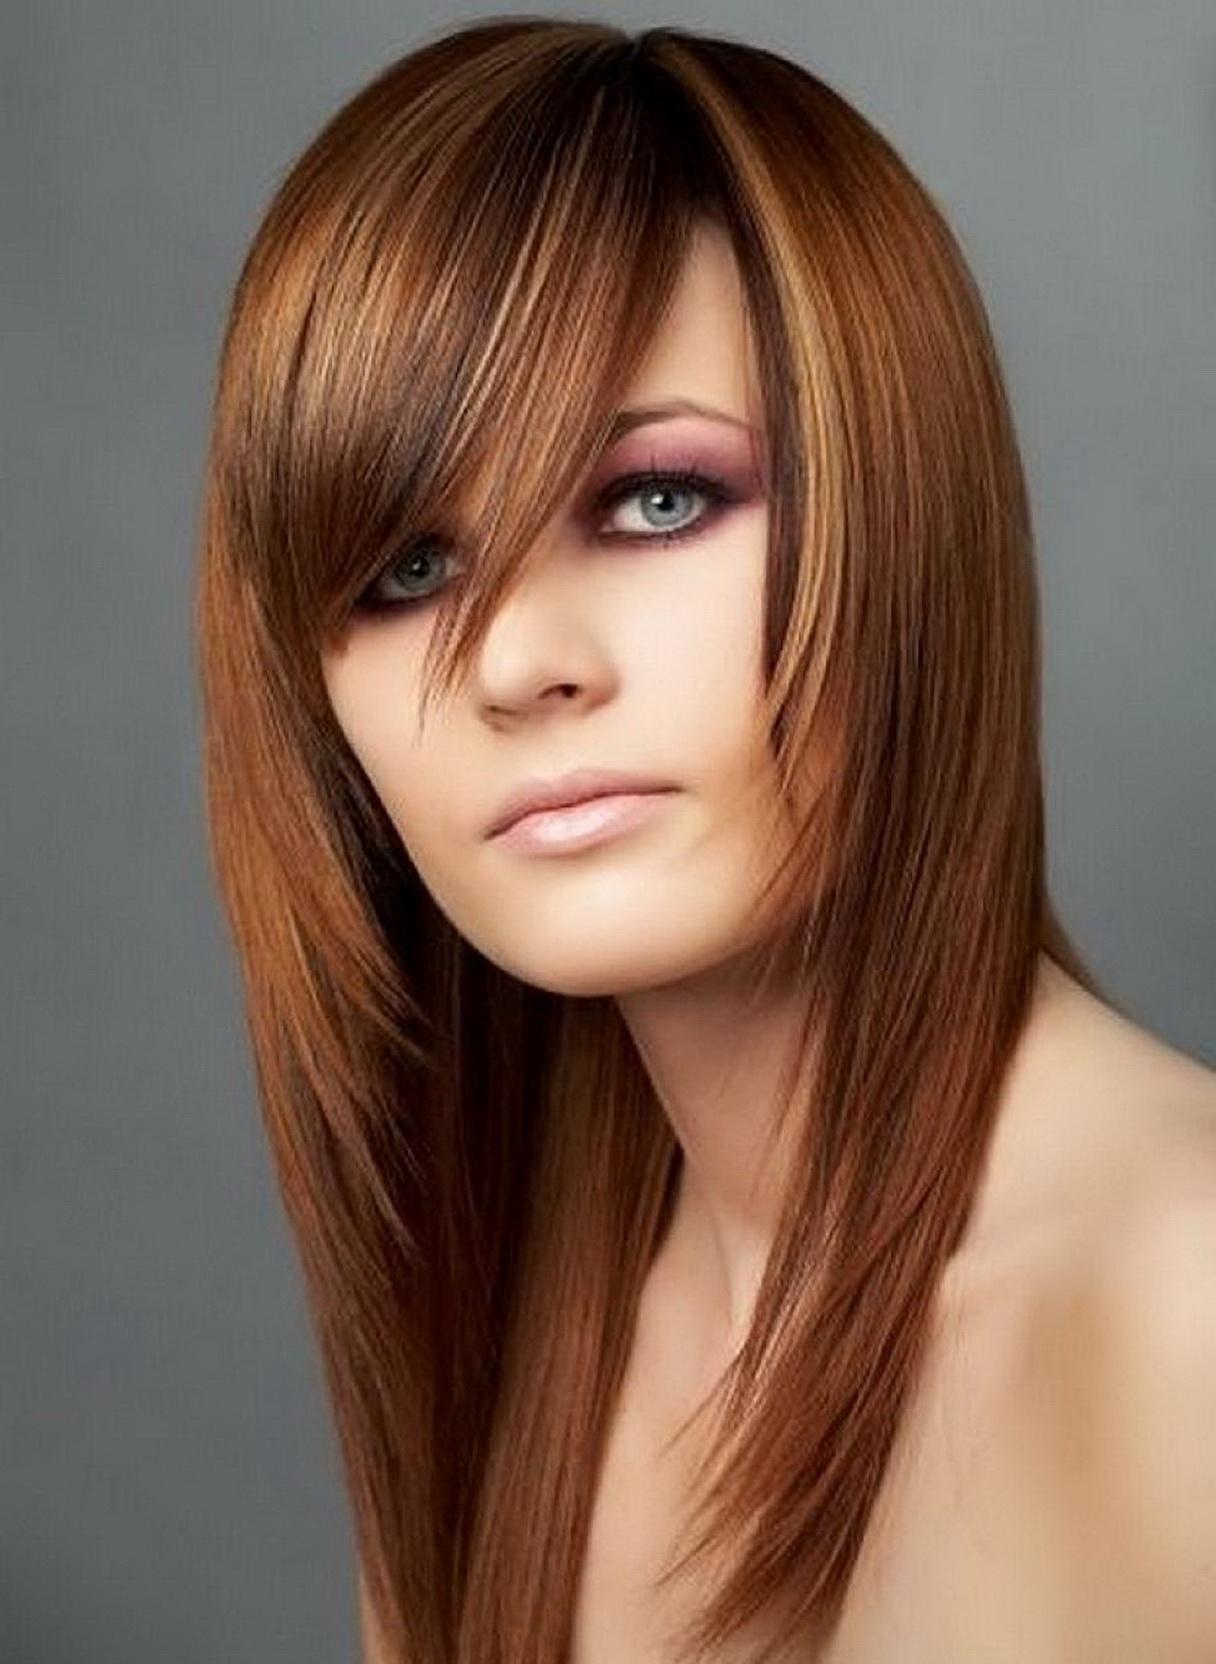 Модные прически с длинными волосами с челкой фото